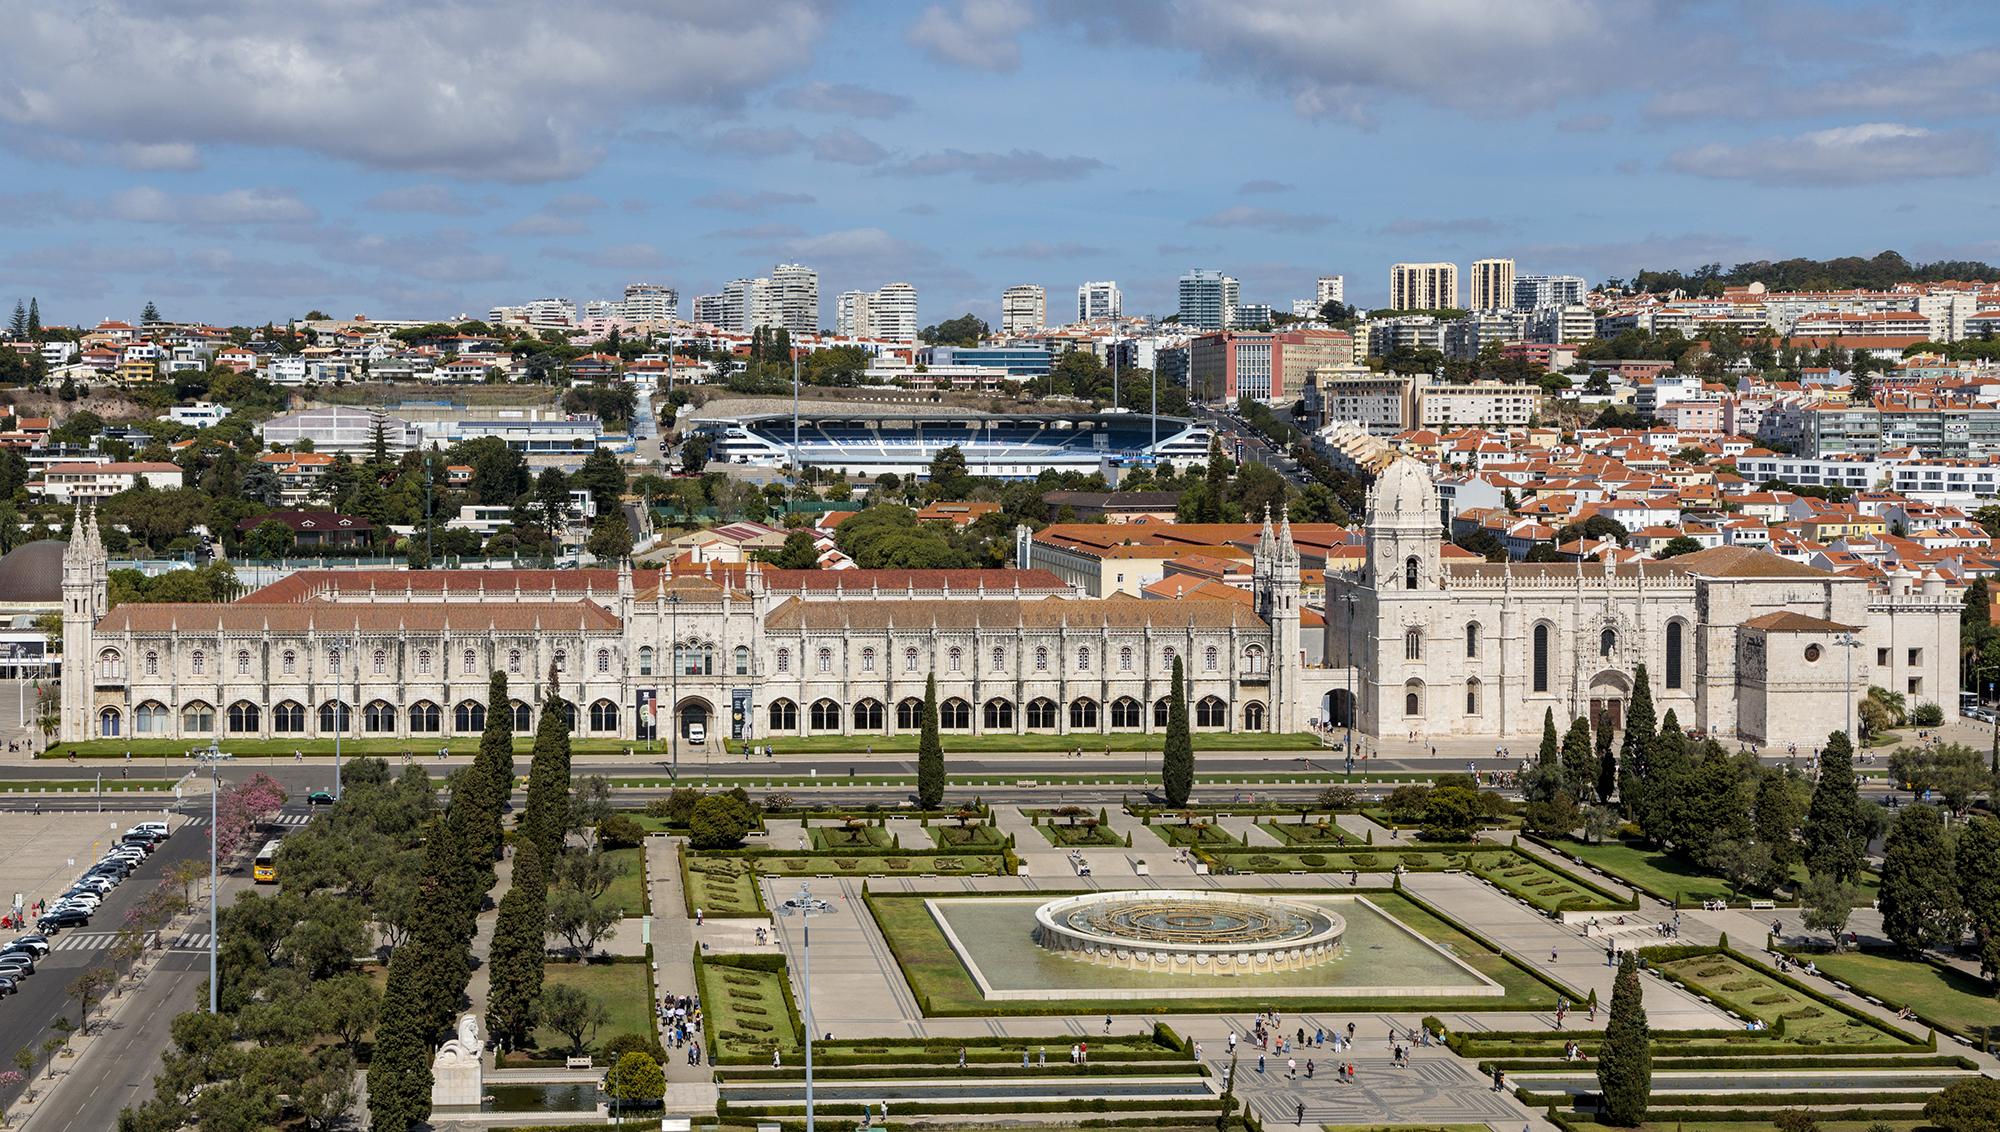 Lissabon: Jardim da Praça do Império und Mosteiro dos Jerónimos